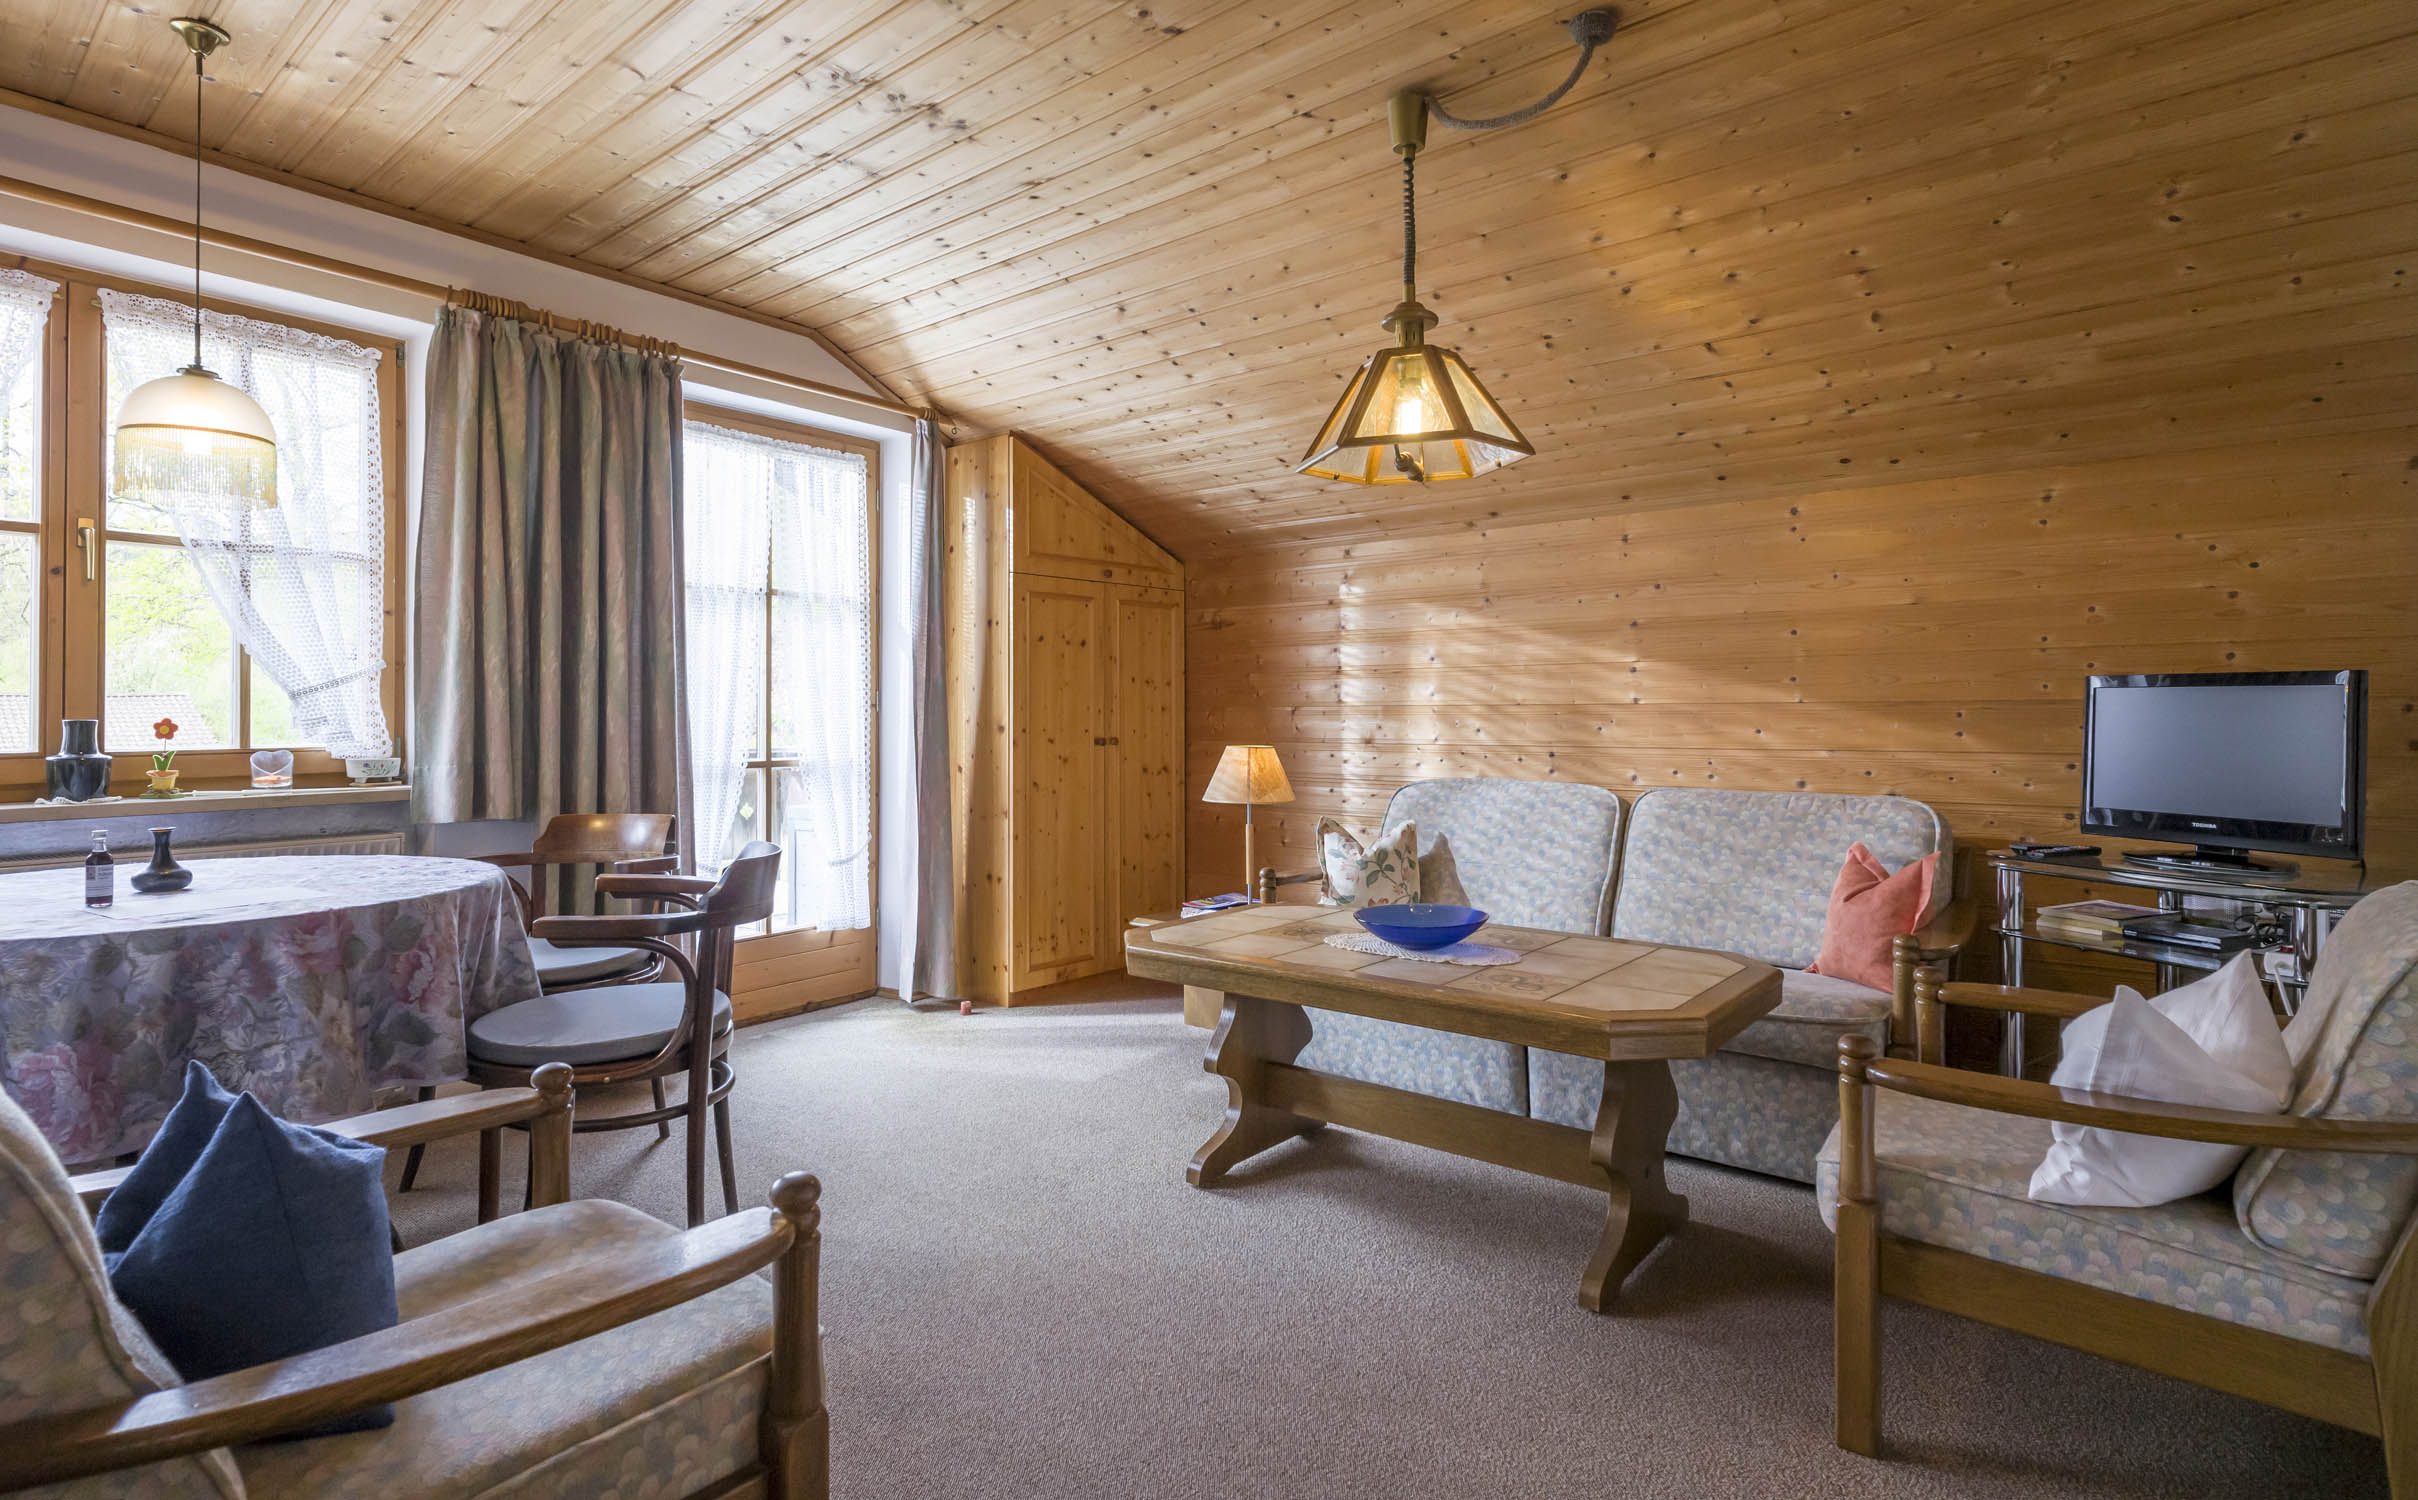 Ferienhaus Haus Enzian (DE Oberaudorf). 2-Zimmer Ferienhaus 48qm (709913), Oberaudorf, Chiemgau, Bayern, Deutschland, Bild 10